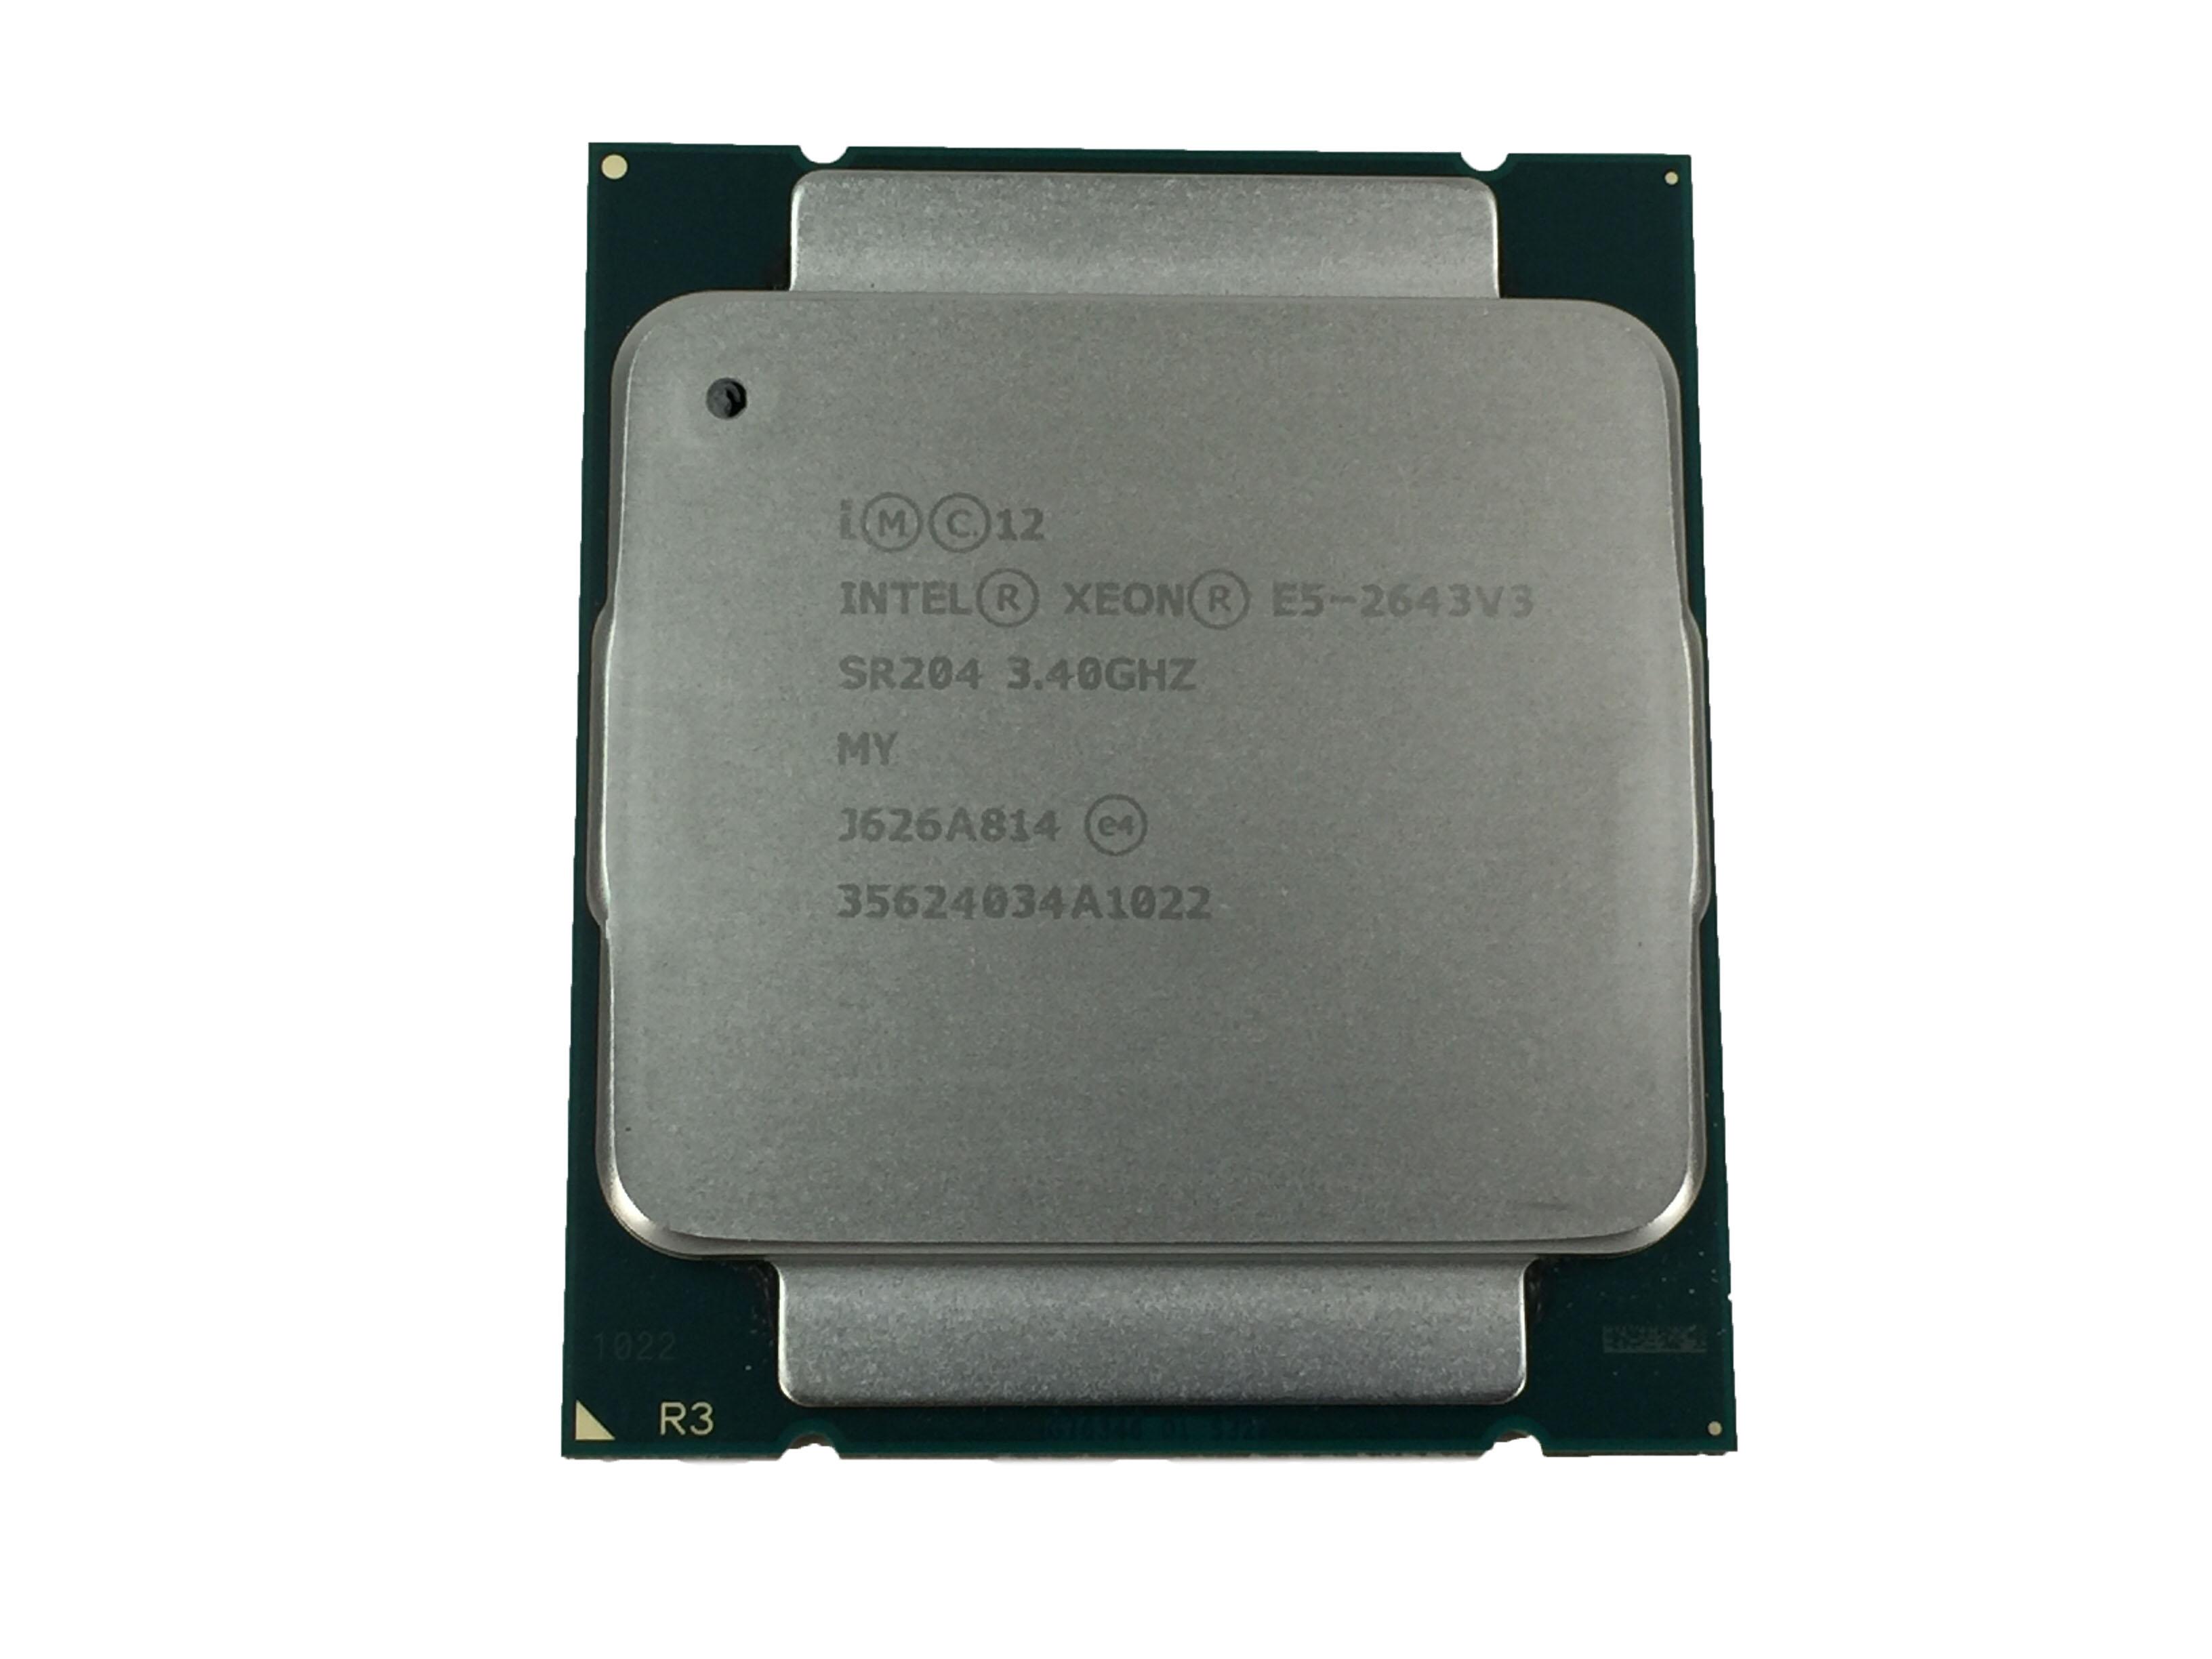 INTEL XEON E5-2643V3 3.4GHZ 6 CORE 20MB LGA2011 PROCESSOR. (SR204)